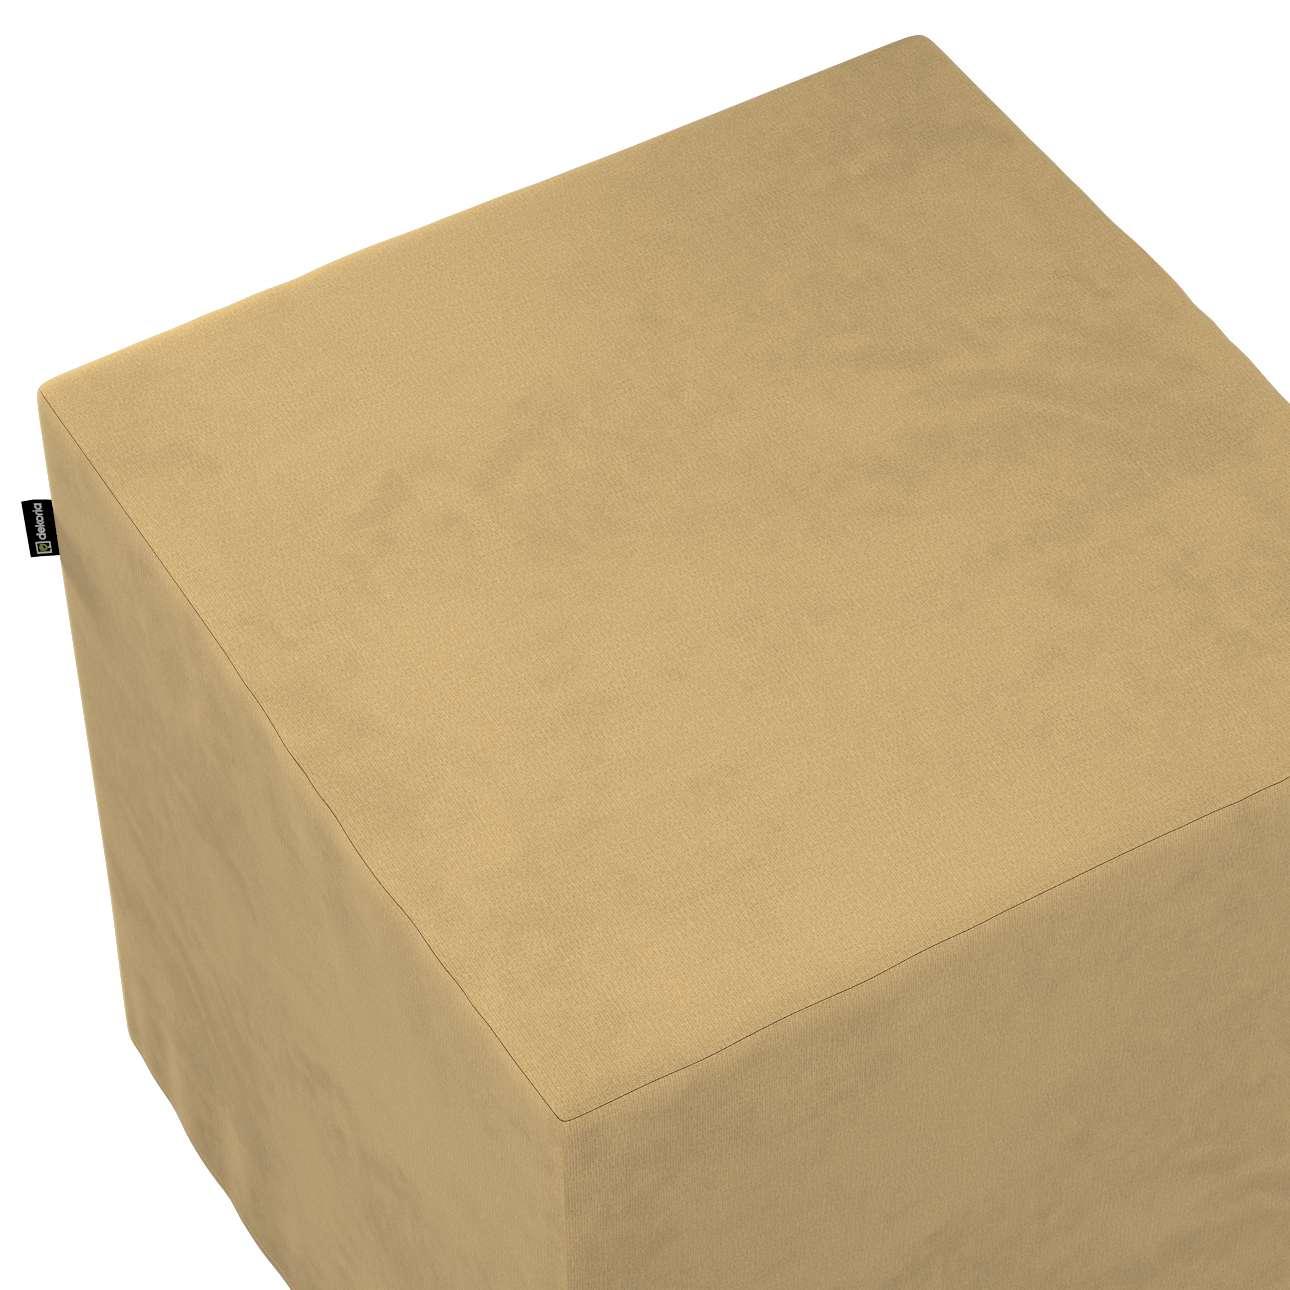 Bezug für Sitzwürfel von der Kollektion Living II, Stoff: 160-93